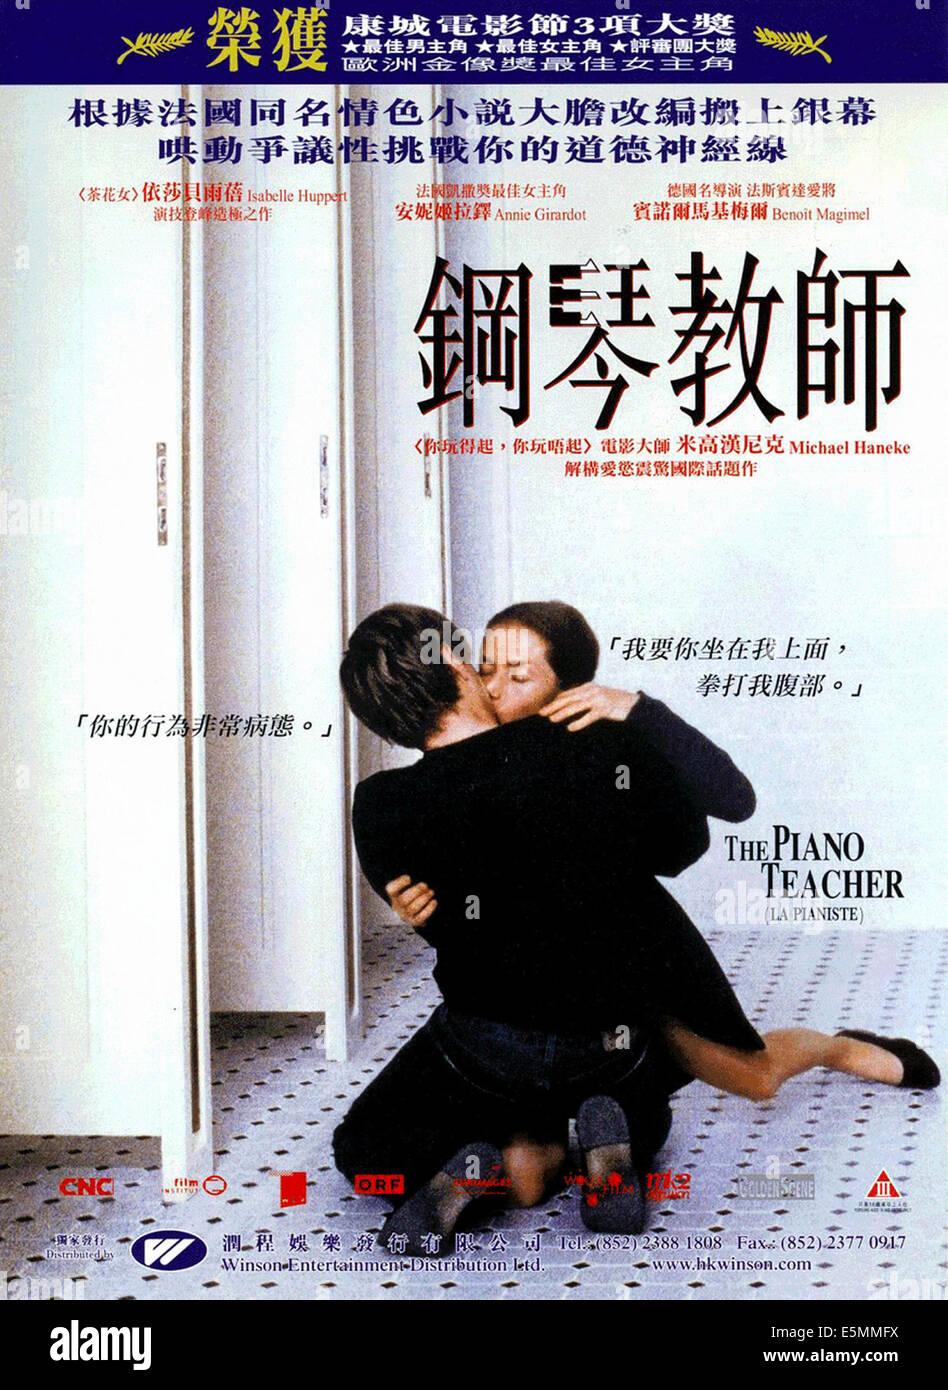 Il giocatore pianoforte, (aka L'INSEGNANTE DI PIANOFORTE, aka LA PIANISTE), Hong Kong ad arte, Isabelle Huppert Immagini Stock